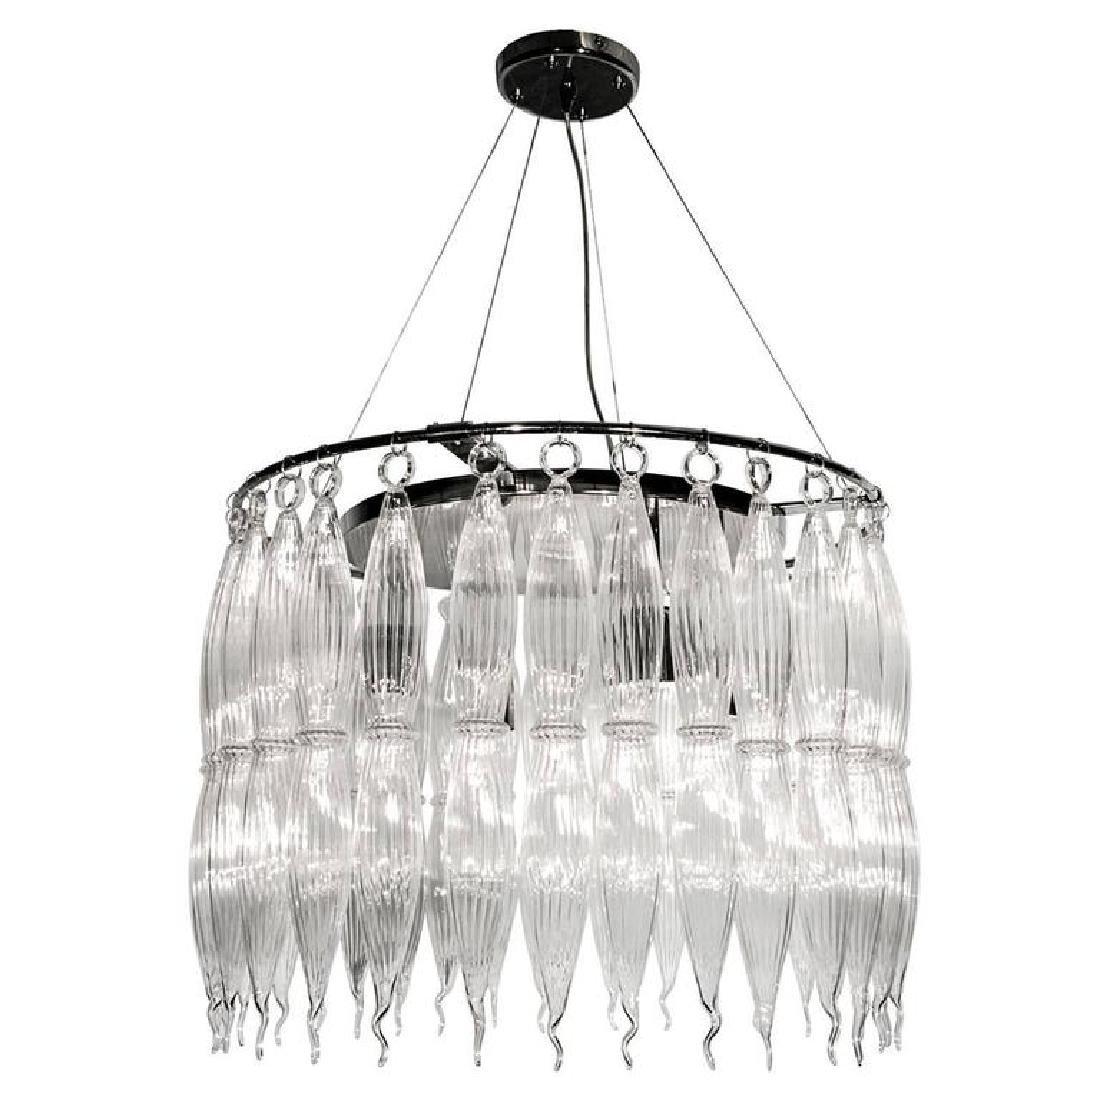 Italian Murano Clear Glass Tassels Chandelier